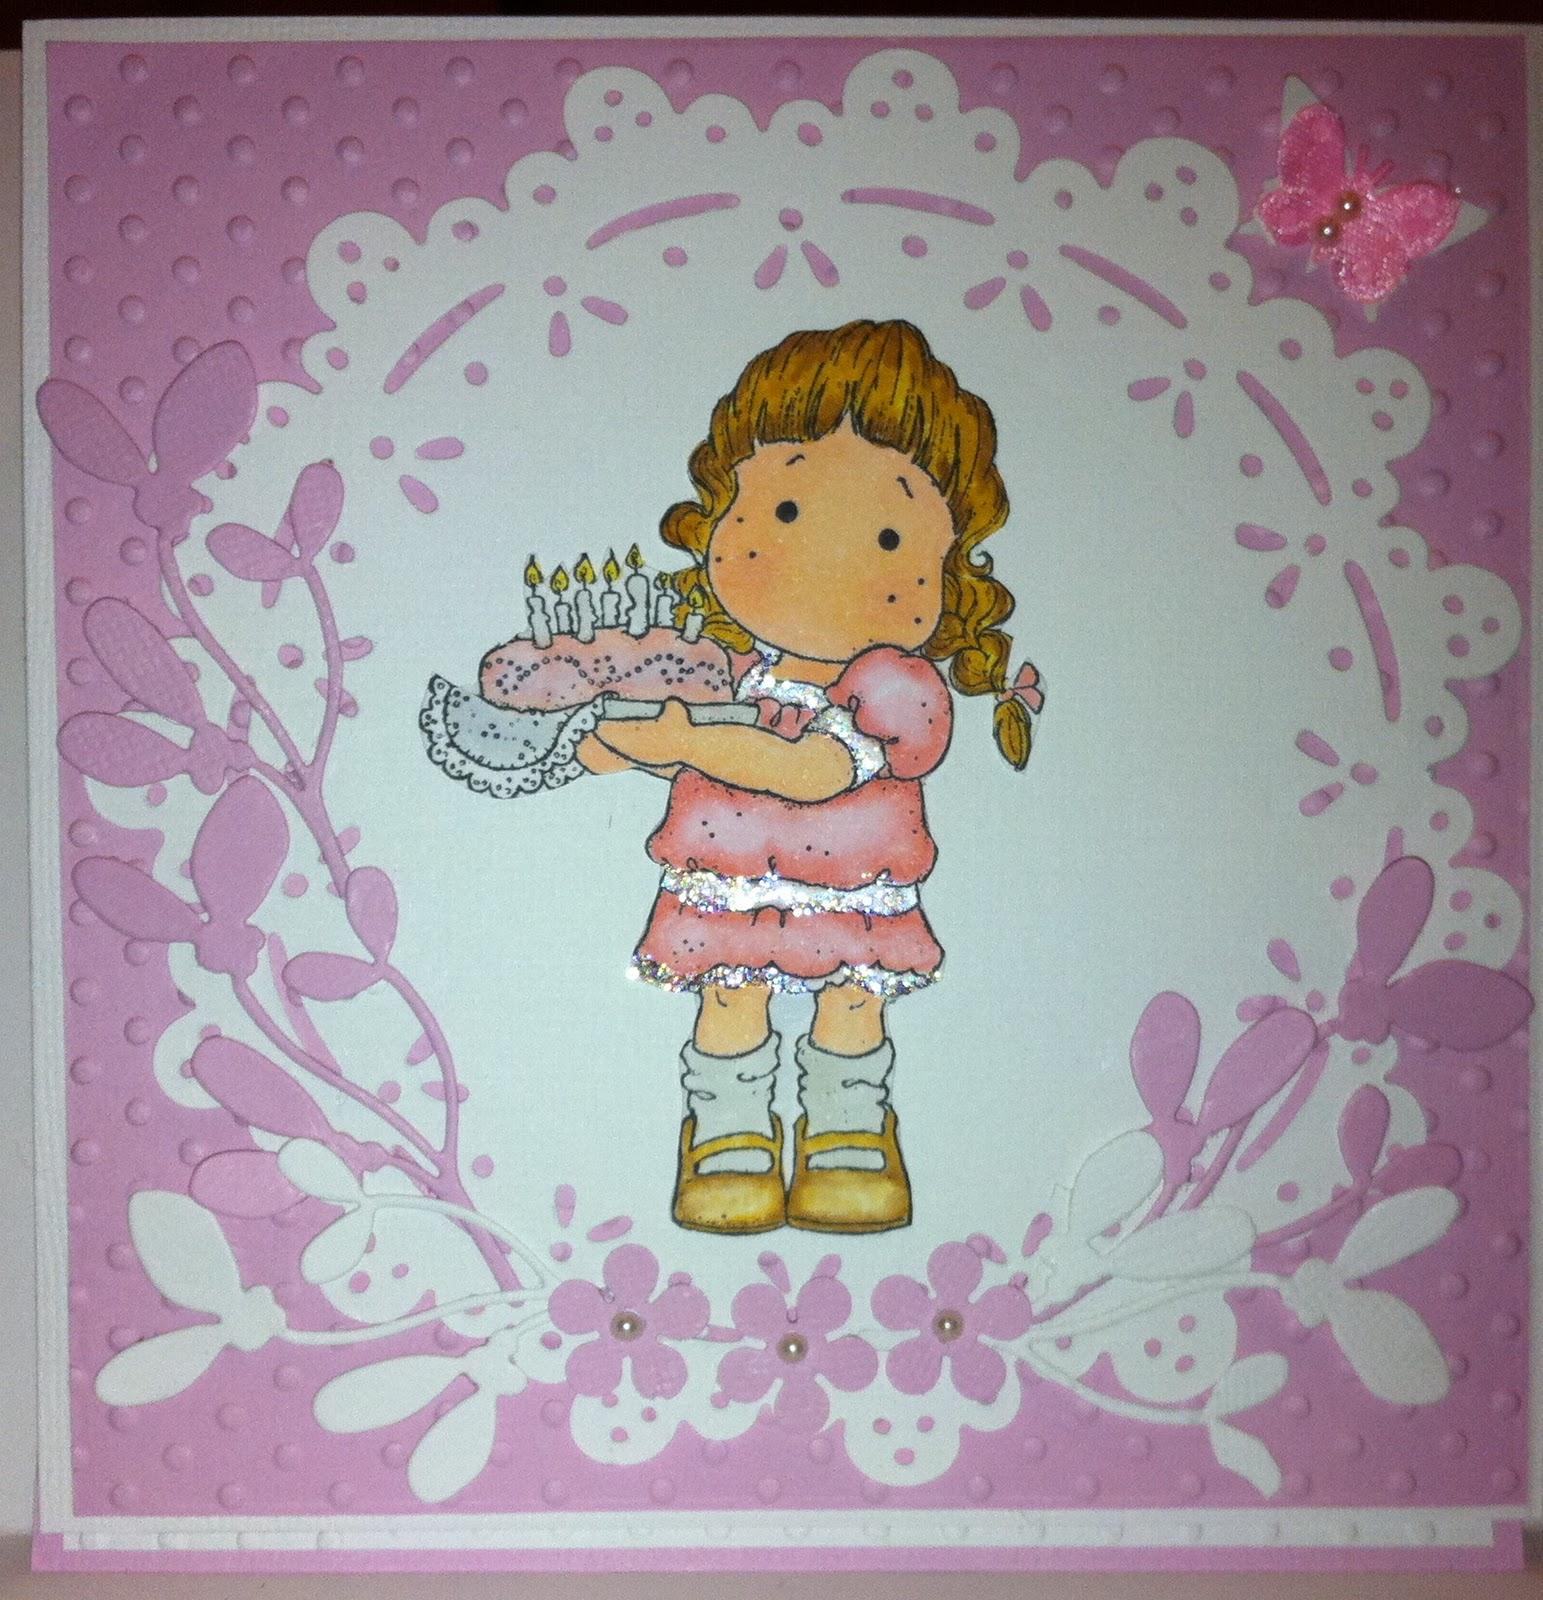 Estremamente ❤ Card by Marzia Fappani ❤: Buon compleanno! GA41